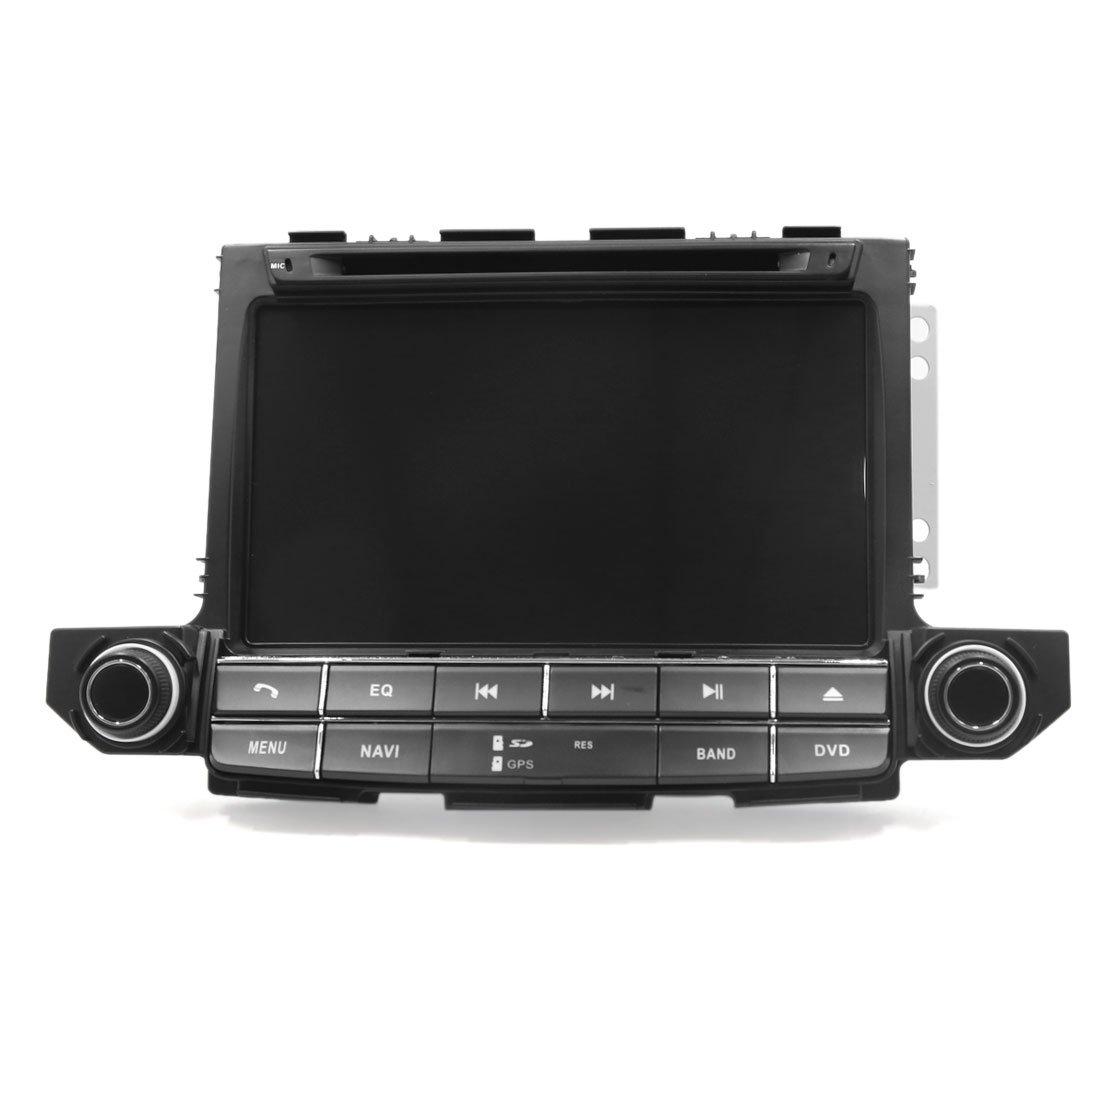 uxcell 自動車GPSナビゲーション 無線 DVD プレーヤー 装飾用フレーム付き ヒュンダイ ツーソン対応 B076Q5XPYY